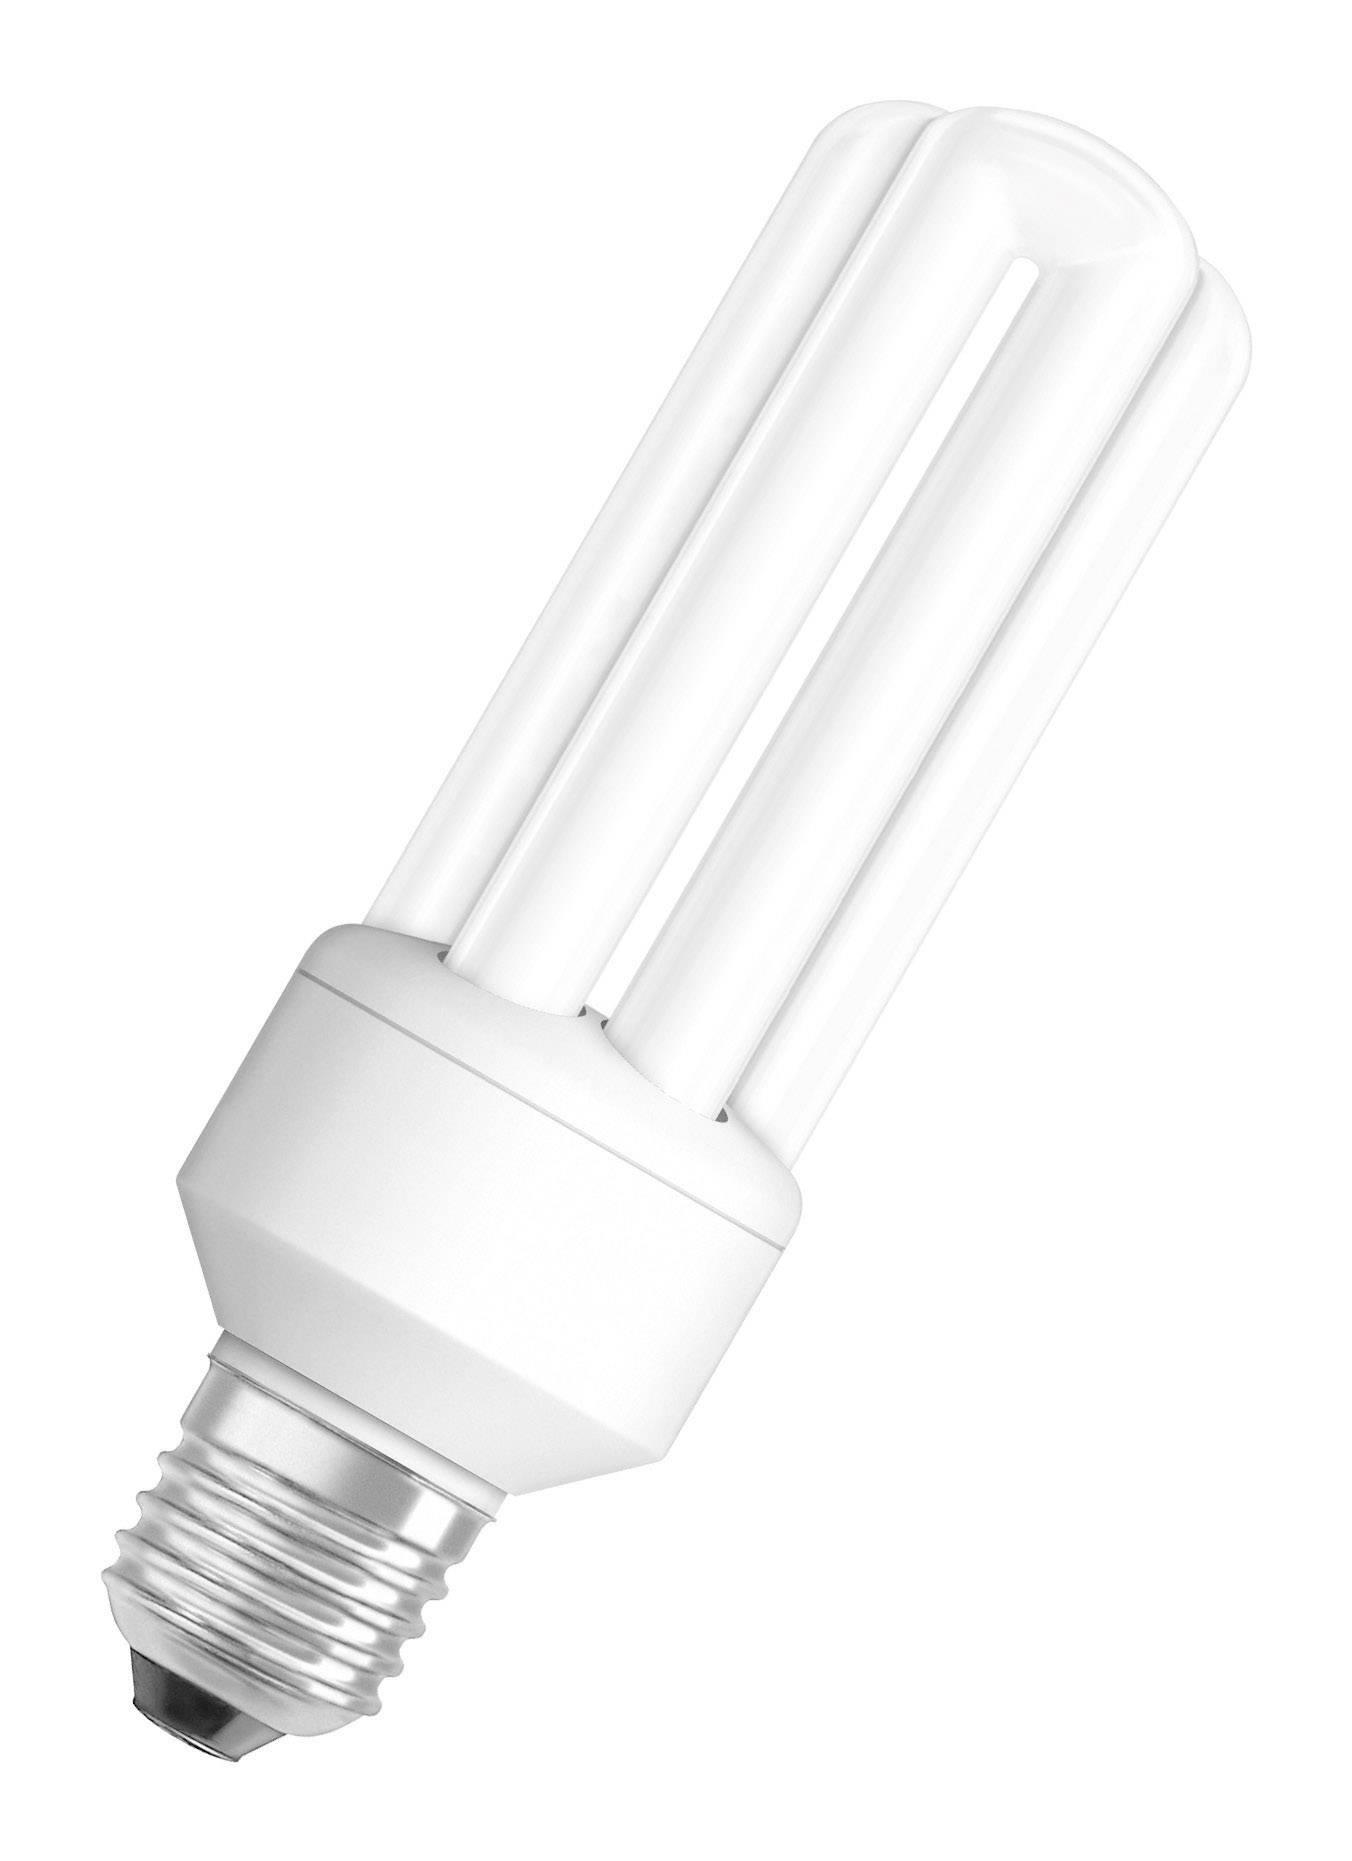 Úsporná žárovka trubková Osram Star, E27, 20 W, teplá bílá